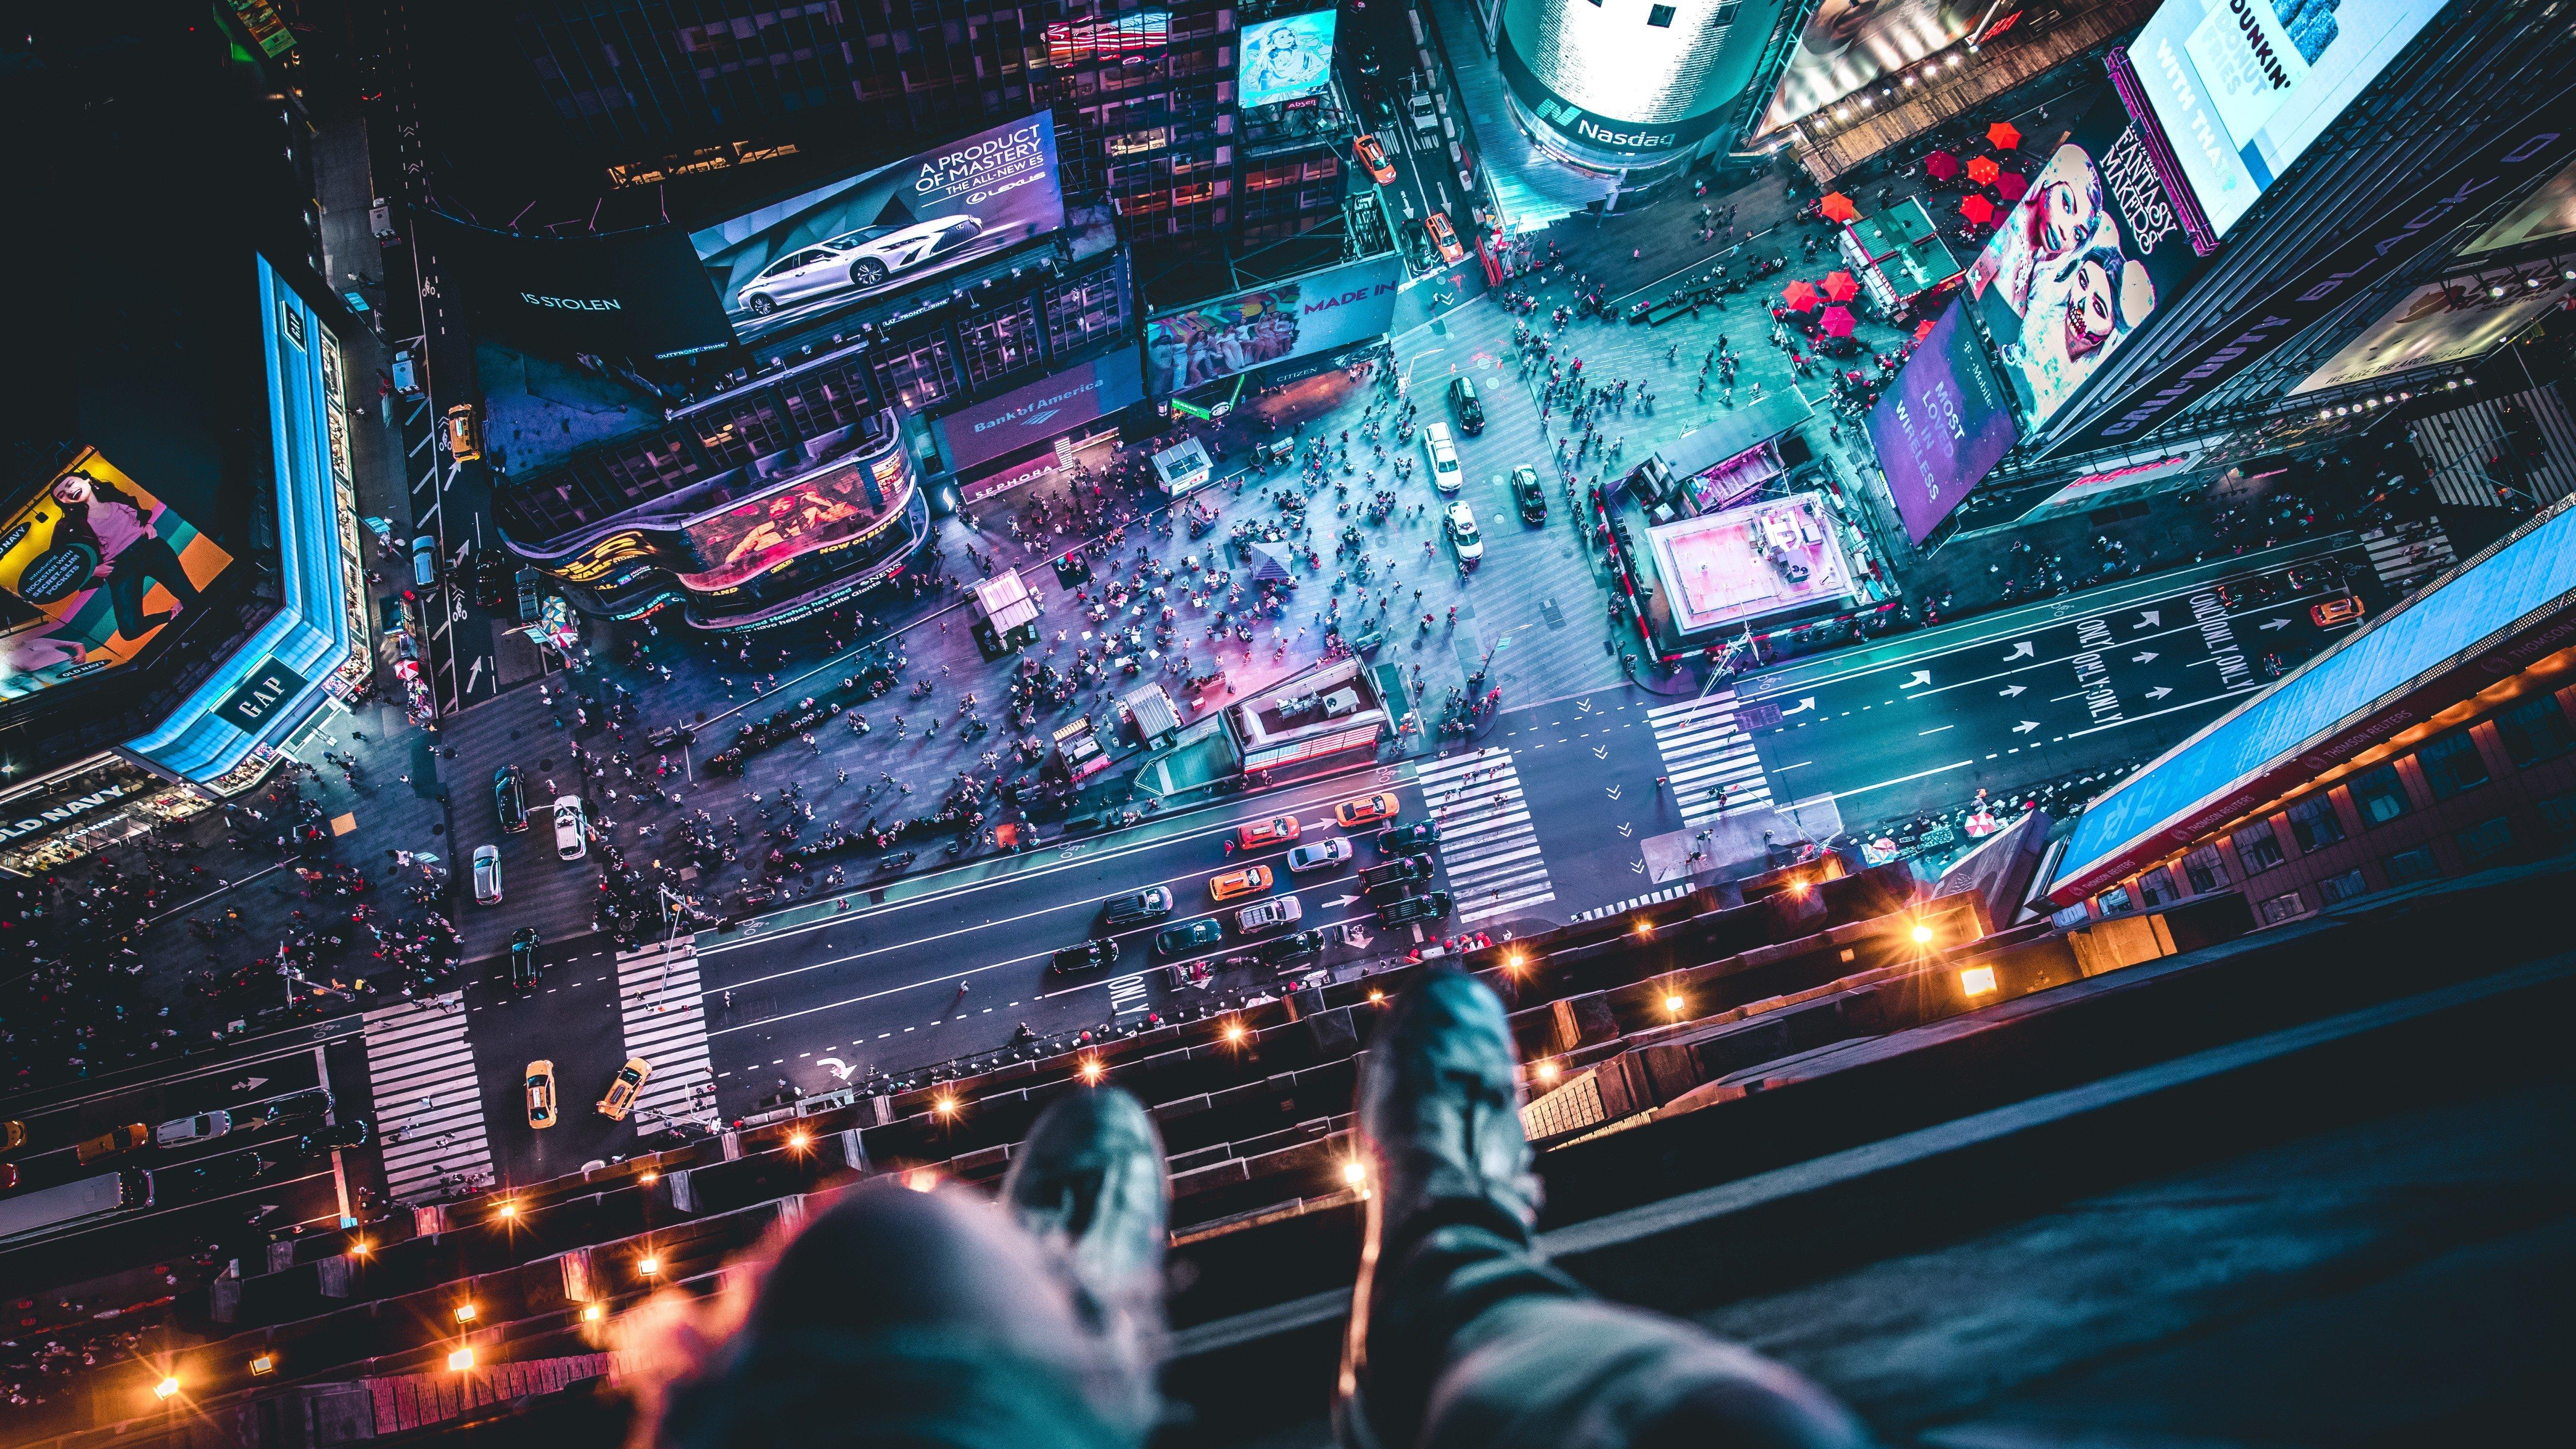 Fondos de pantalla Vista aerea de Nueva York con hombre sentado